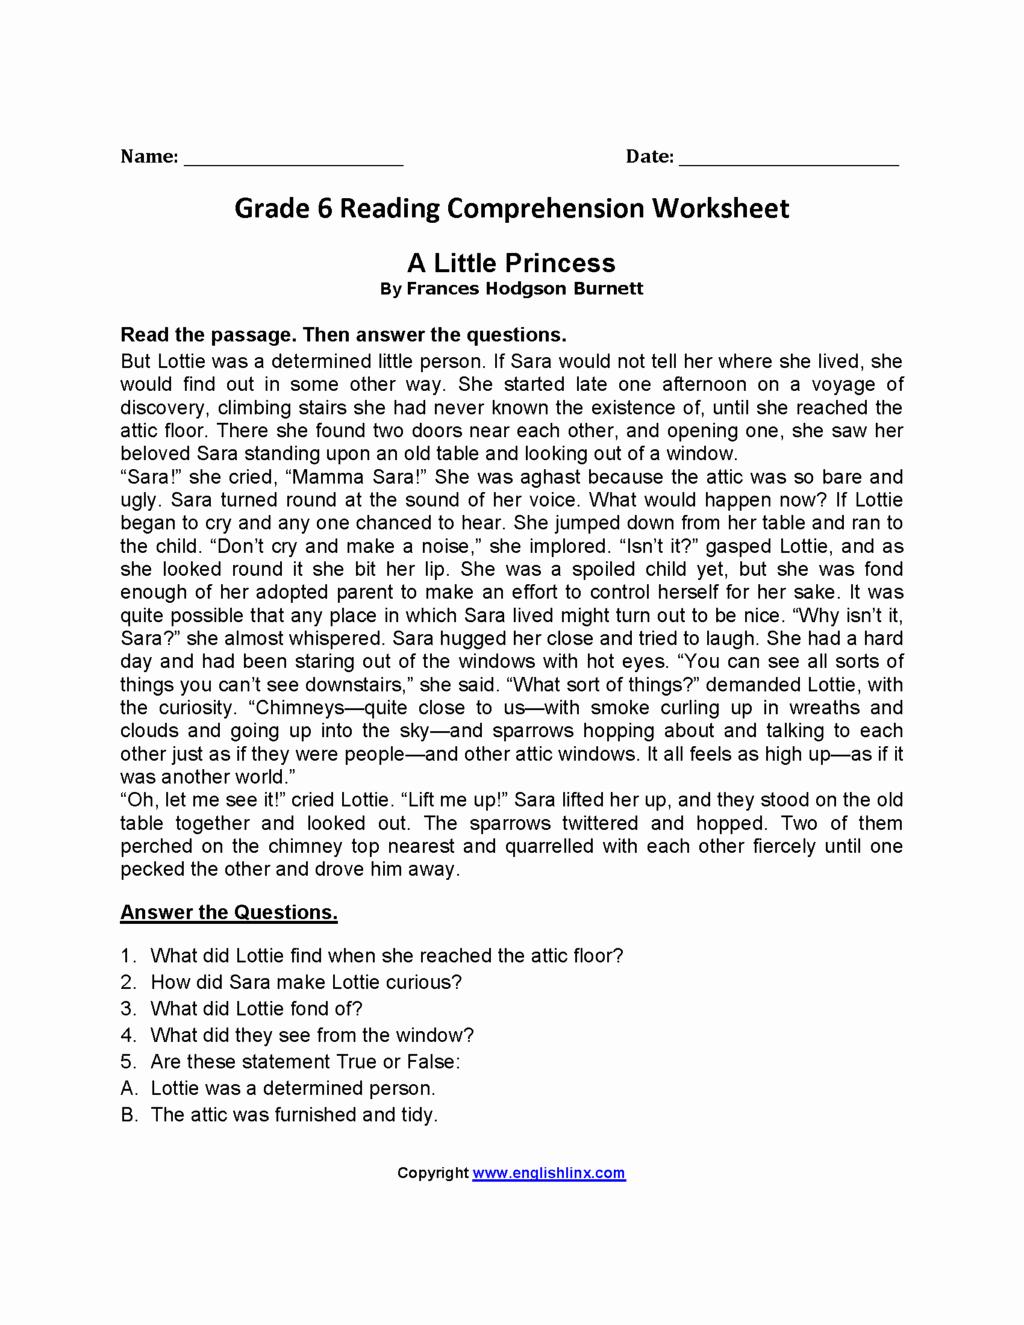 Comprehension Worksheets 6th Grade Elegant 6th Grade Reading Prehension Worksheets Multiple Choice